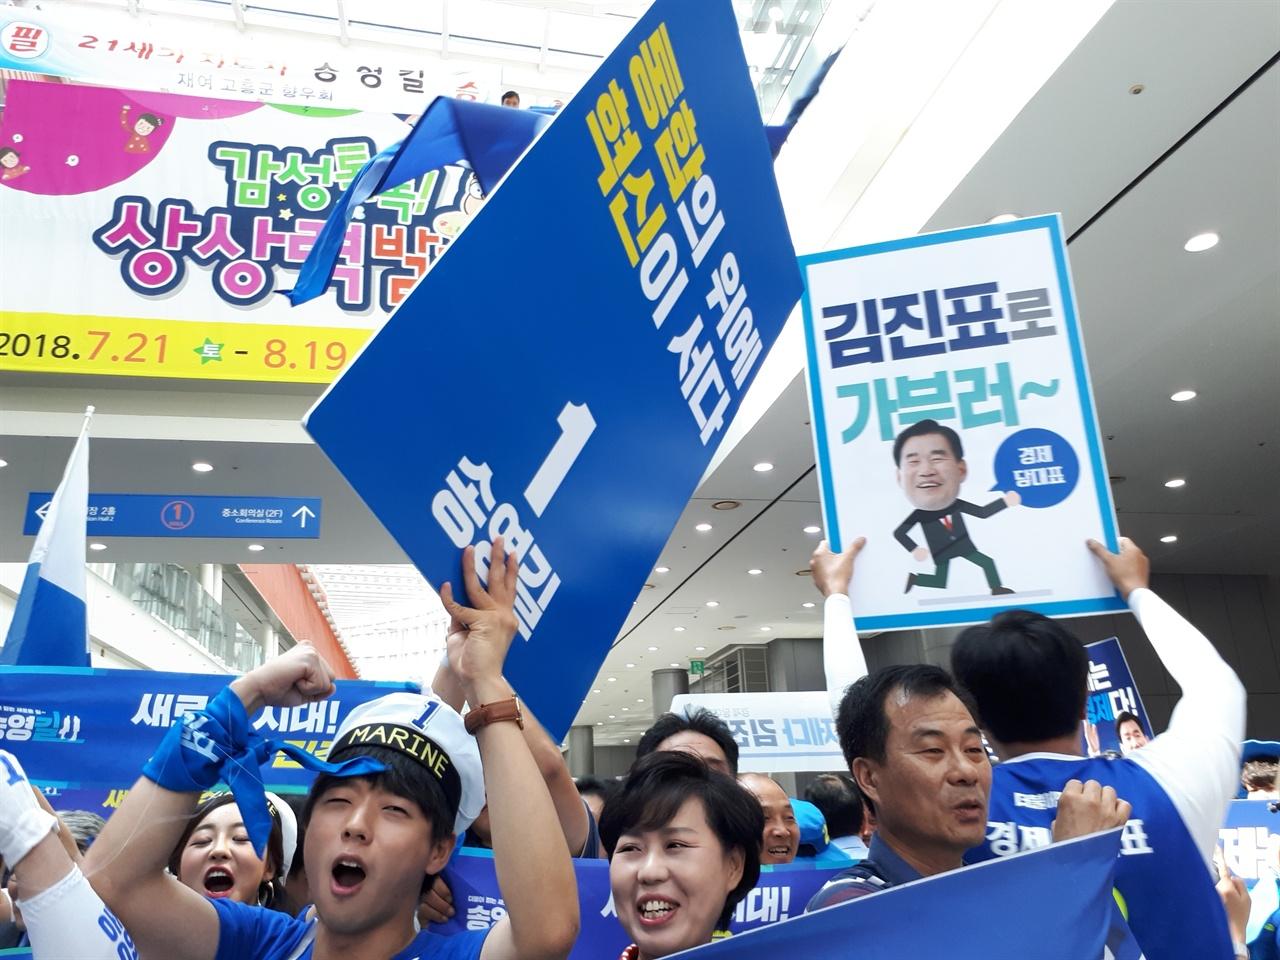 당 대표 후보 응원전 4일 김대중컨벤션센터에서 열린 민주당 전당대회를 앞두고 당 대표 후보측 지지자들이 피켓을 들고 응원전을 하고 있다.